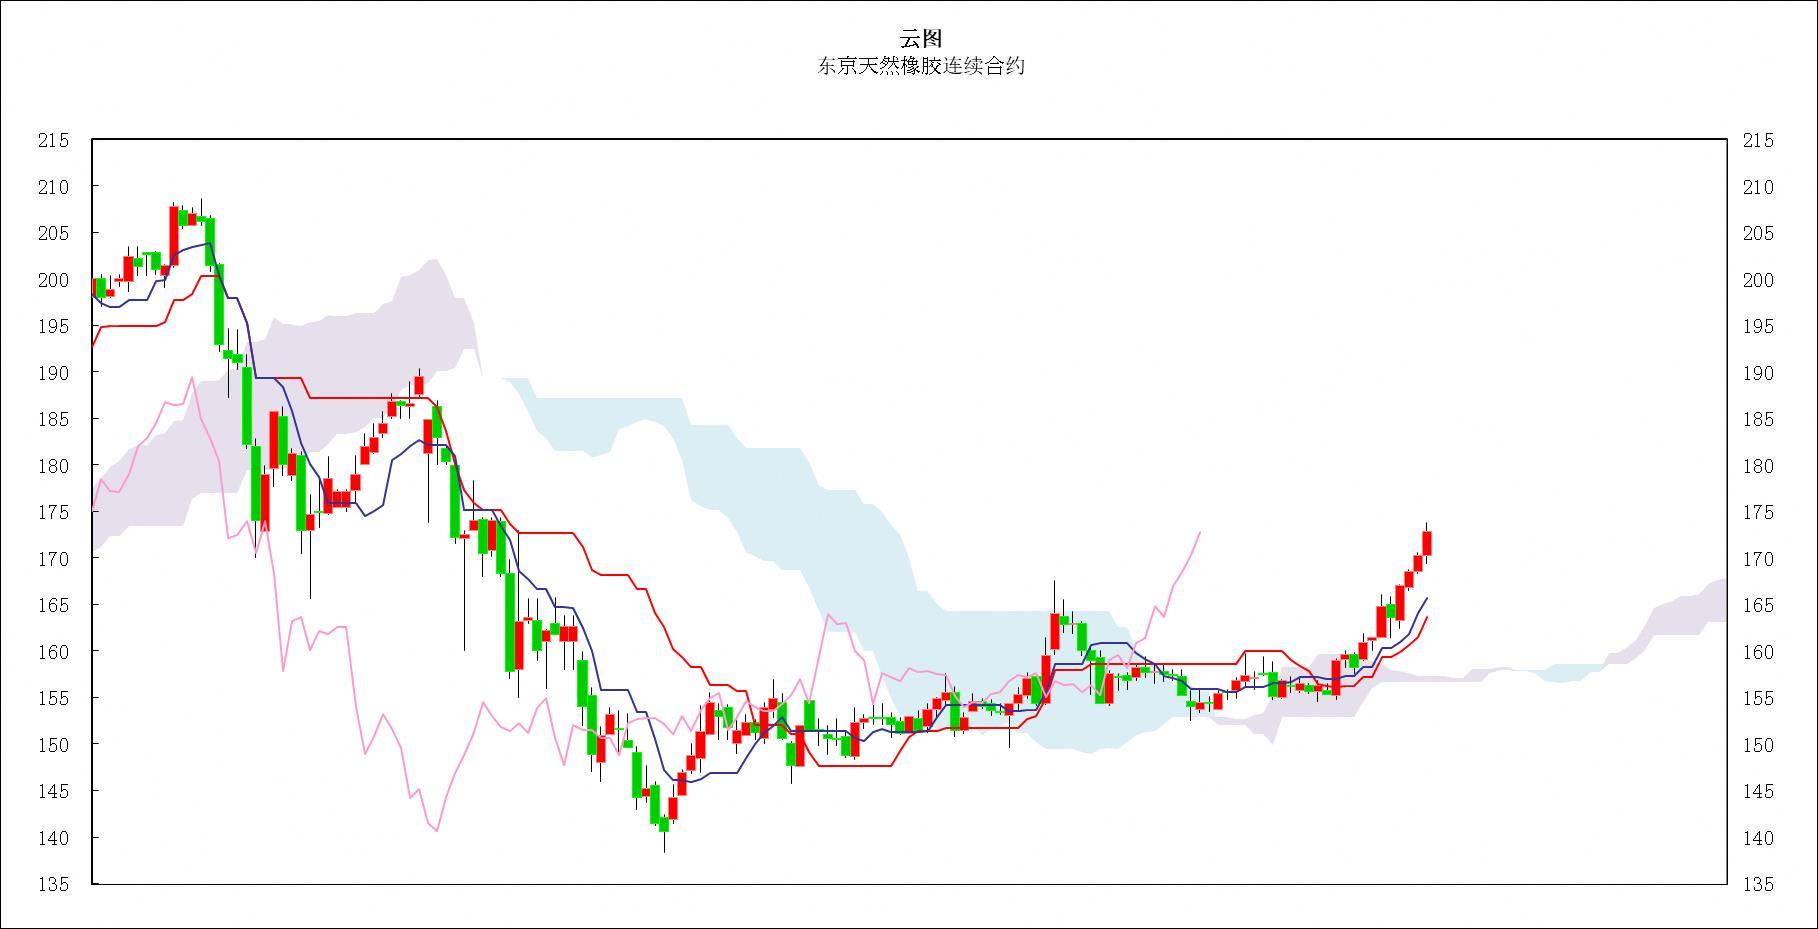 日本商品市场日评:东京黄金价格再创新高 橡胶市场连续走高